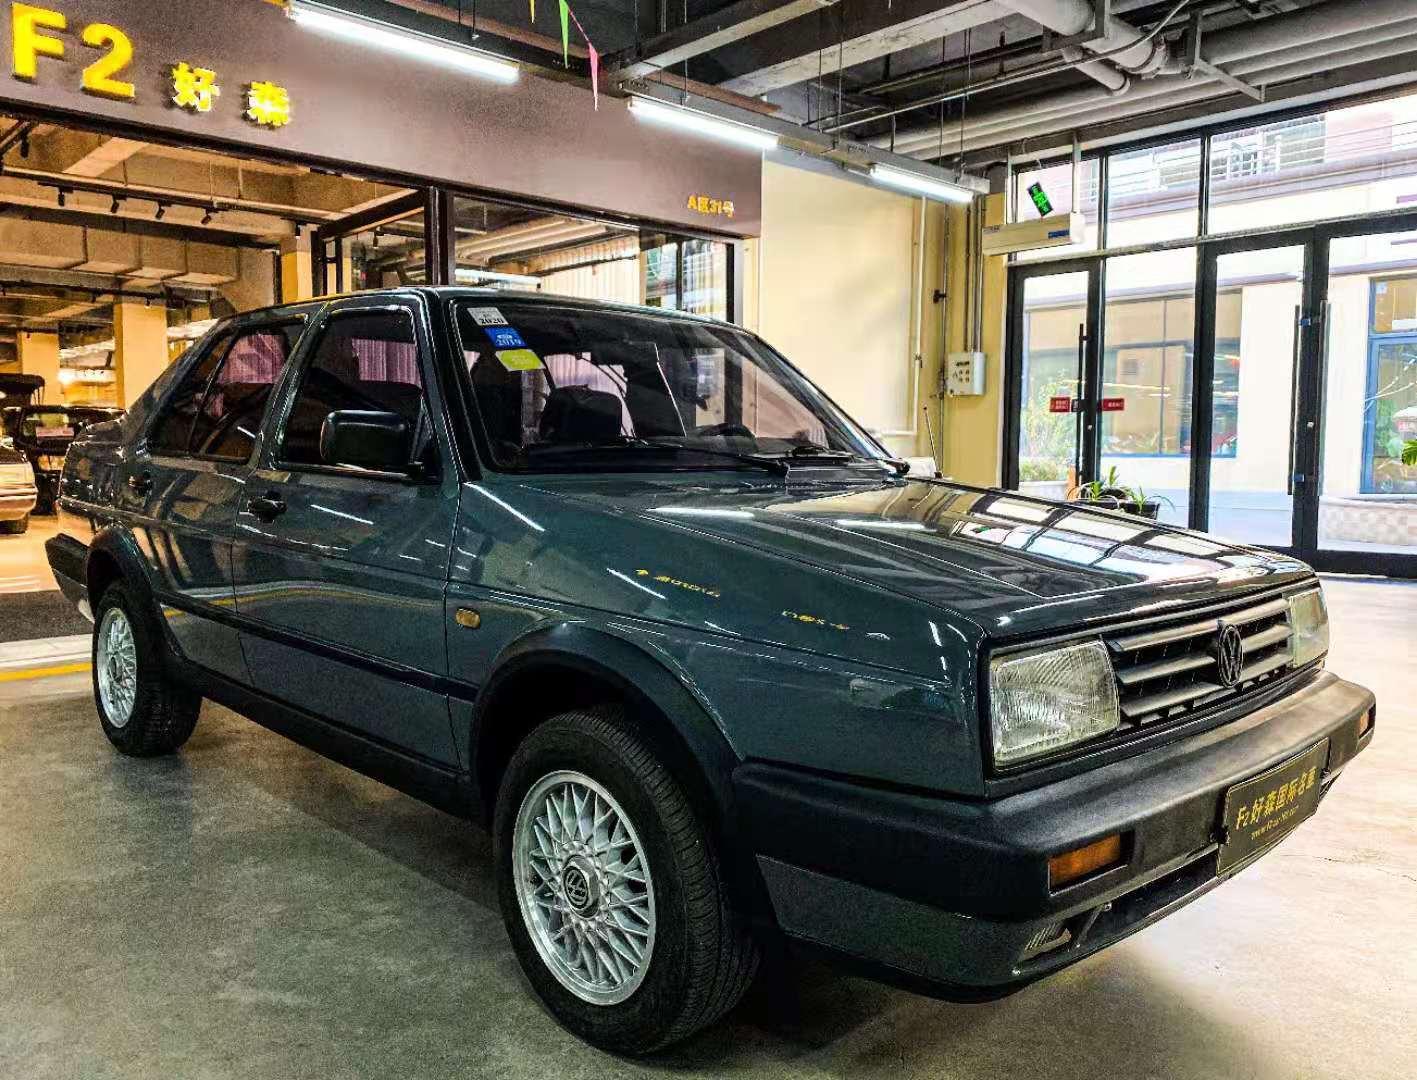 经典车 极具收藏意义的2000款老款捷达。177 作者:F2大森古典车